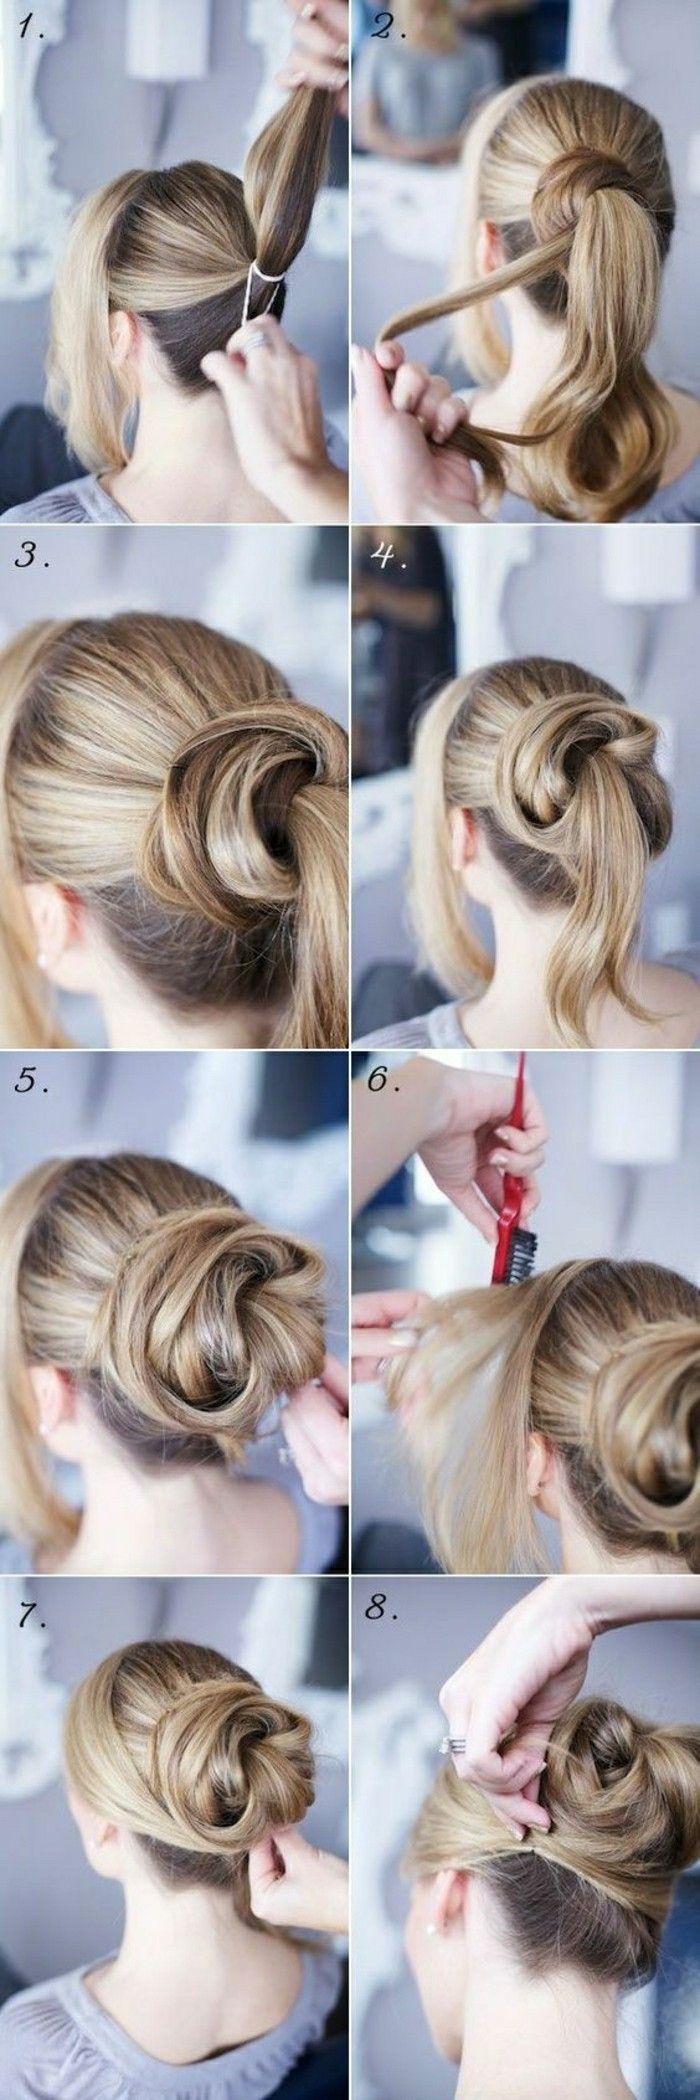 Une coiffure qui semble comme rose - cheveux blonds longs, une mèche à la coté, coiffures faciles